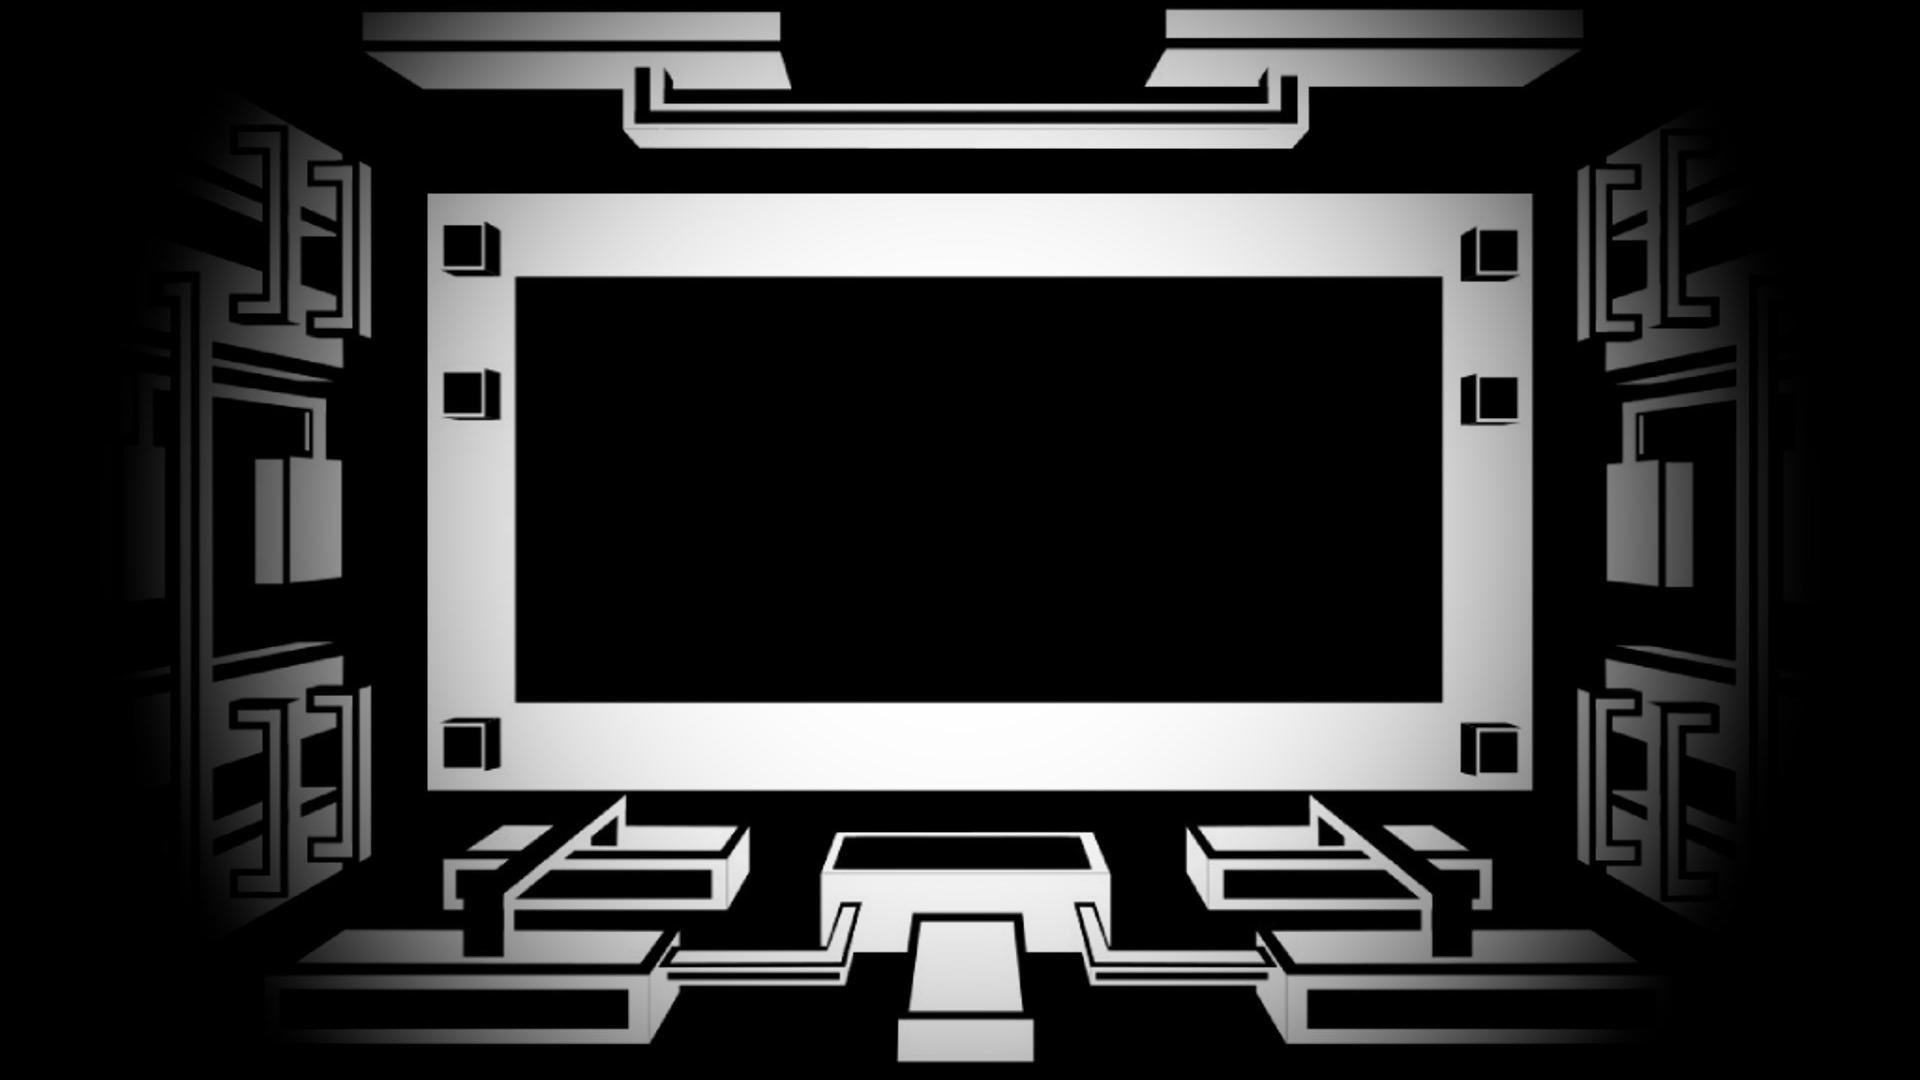 Icon for Escape the room